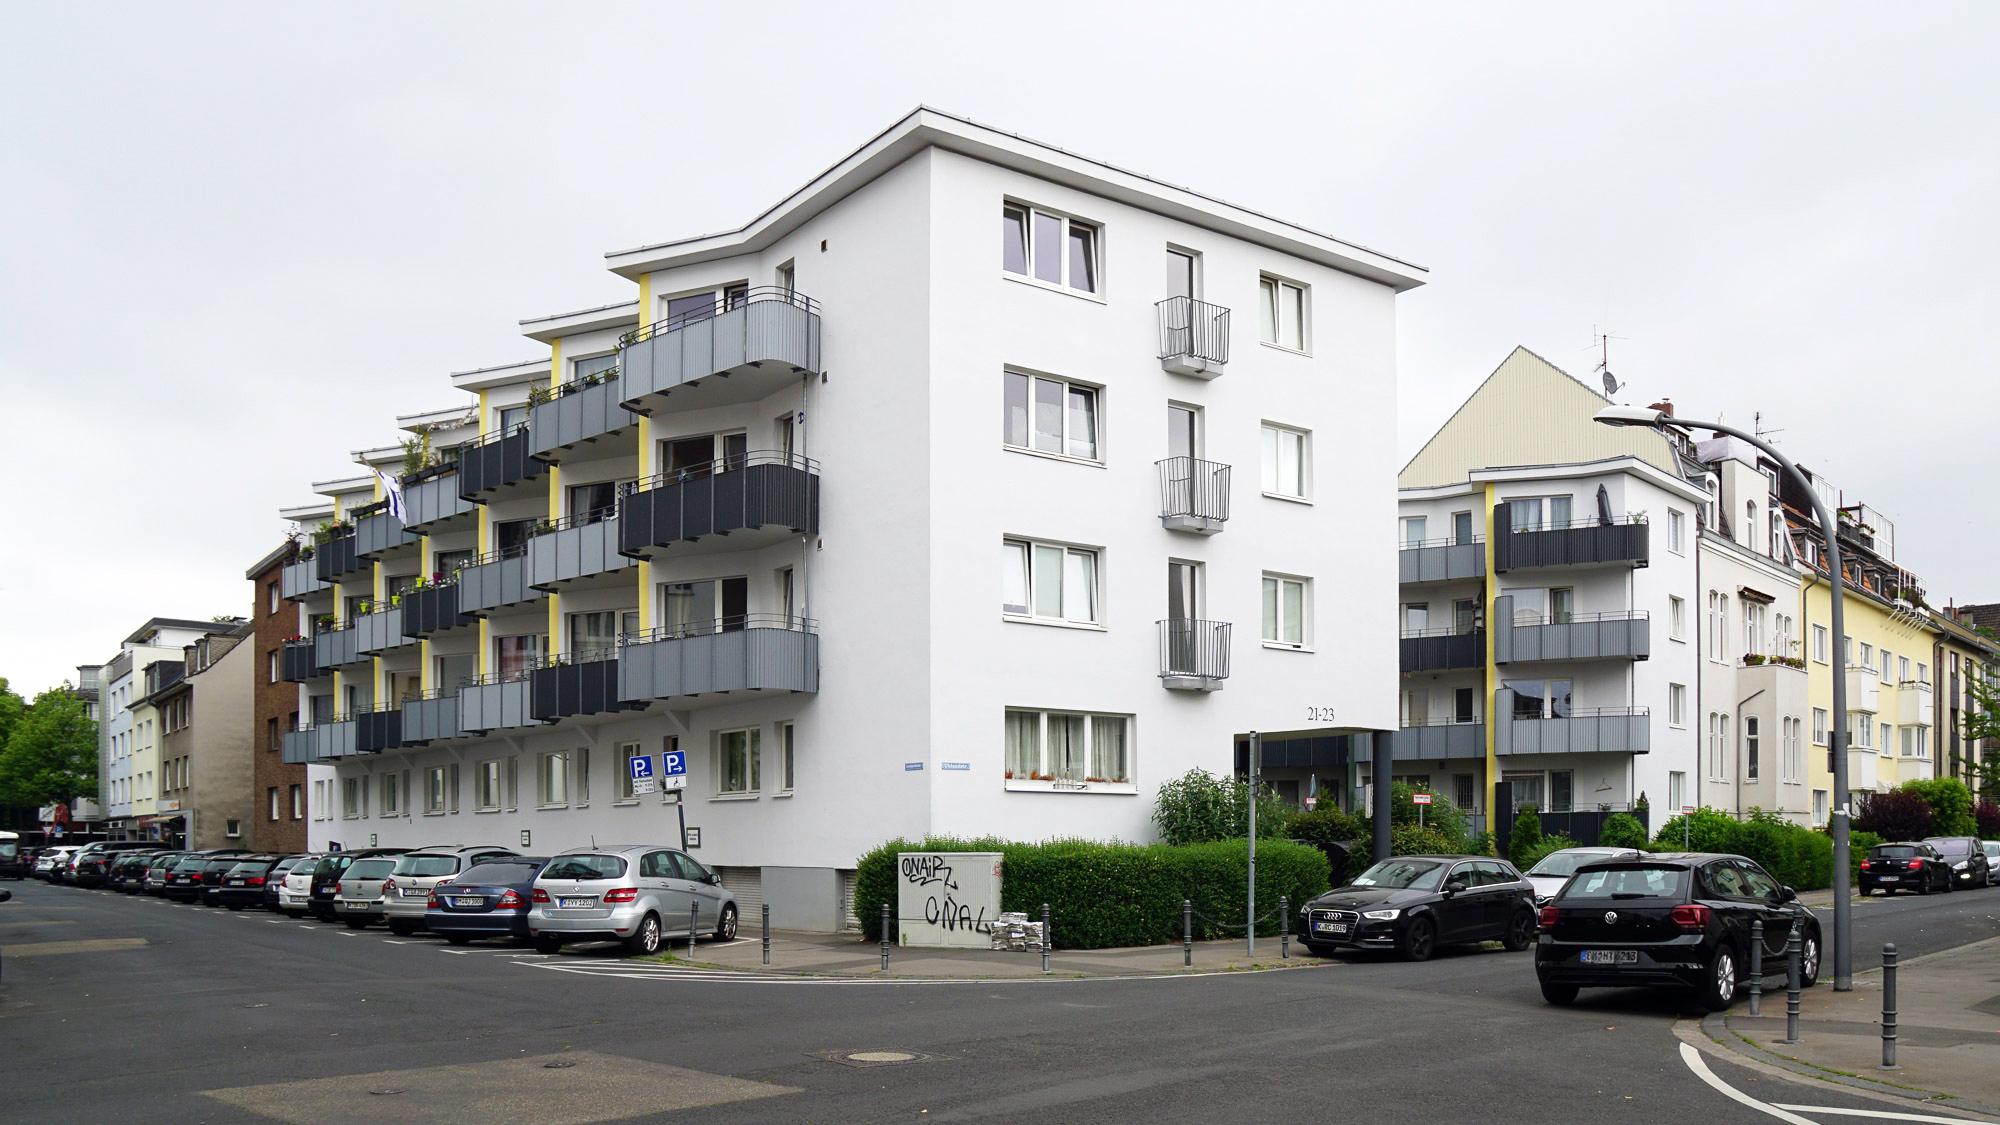 Wohnnaus aus den 50er-Jahren mit zahlreichen Balkonen